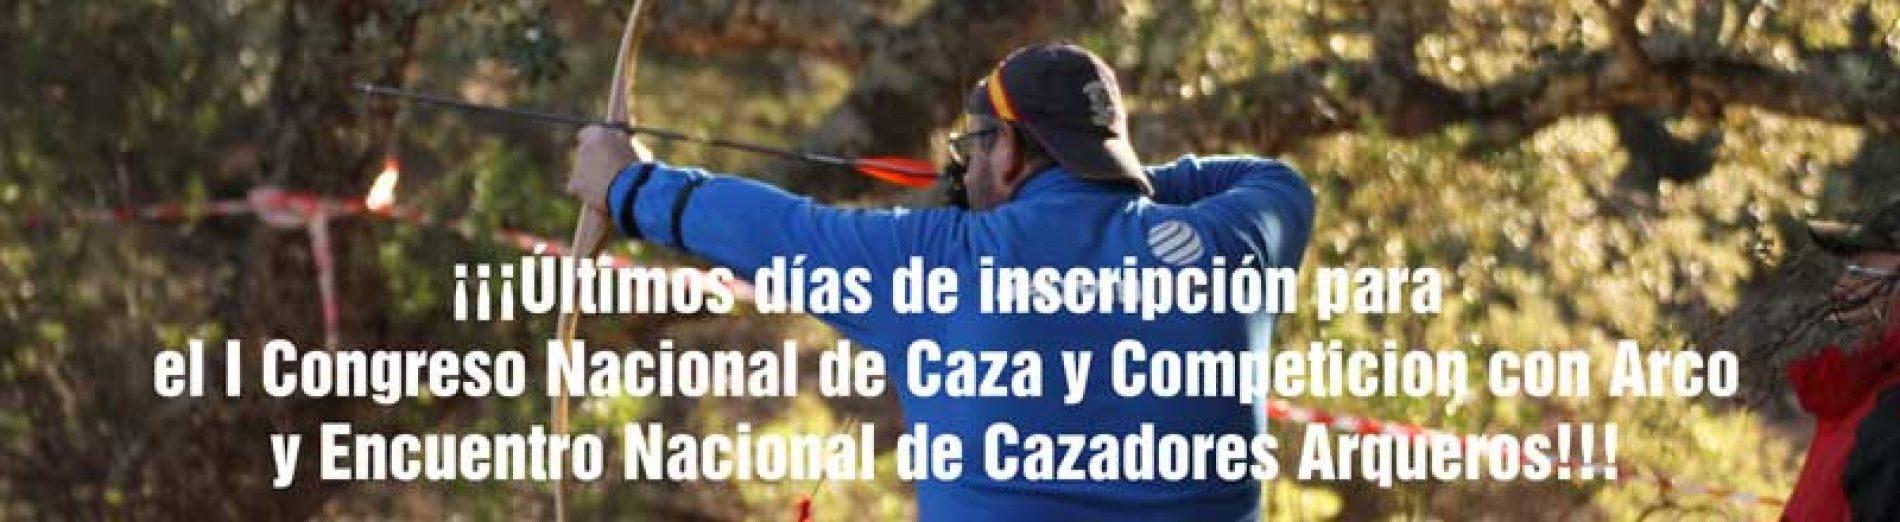 ¡Últimos días de inscripción para el I Encuentro Nacional de Cazadores Arqueros!